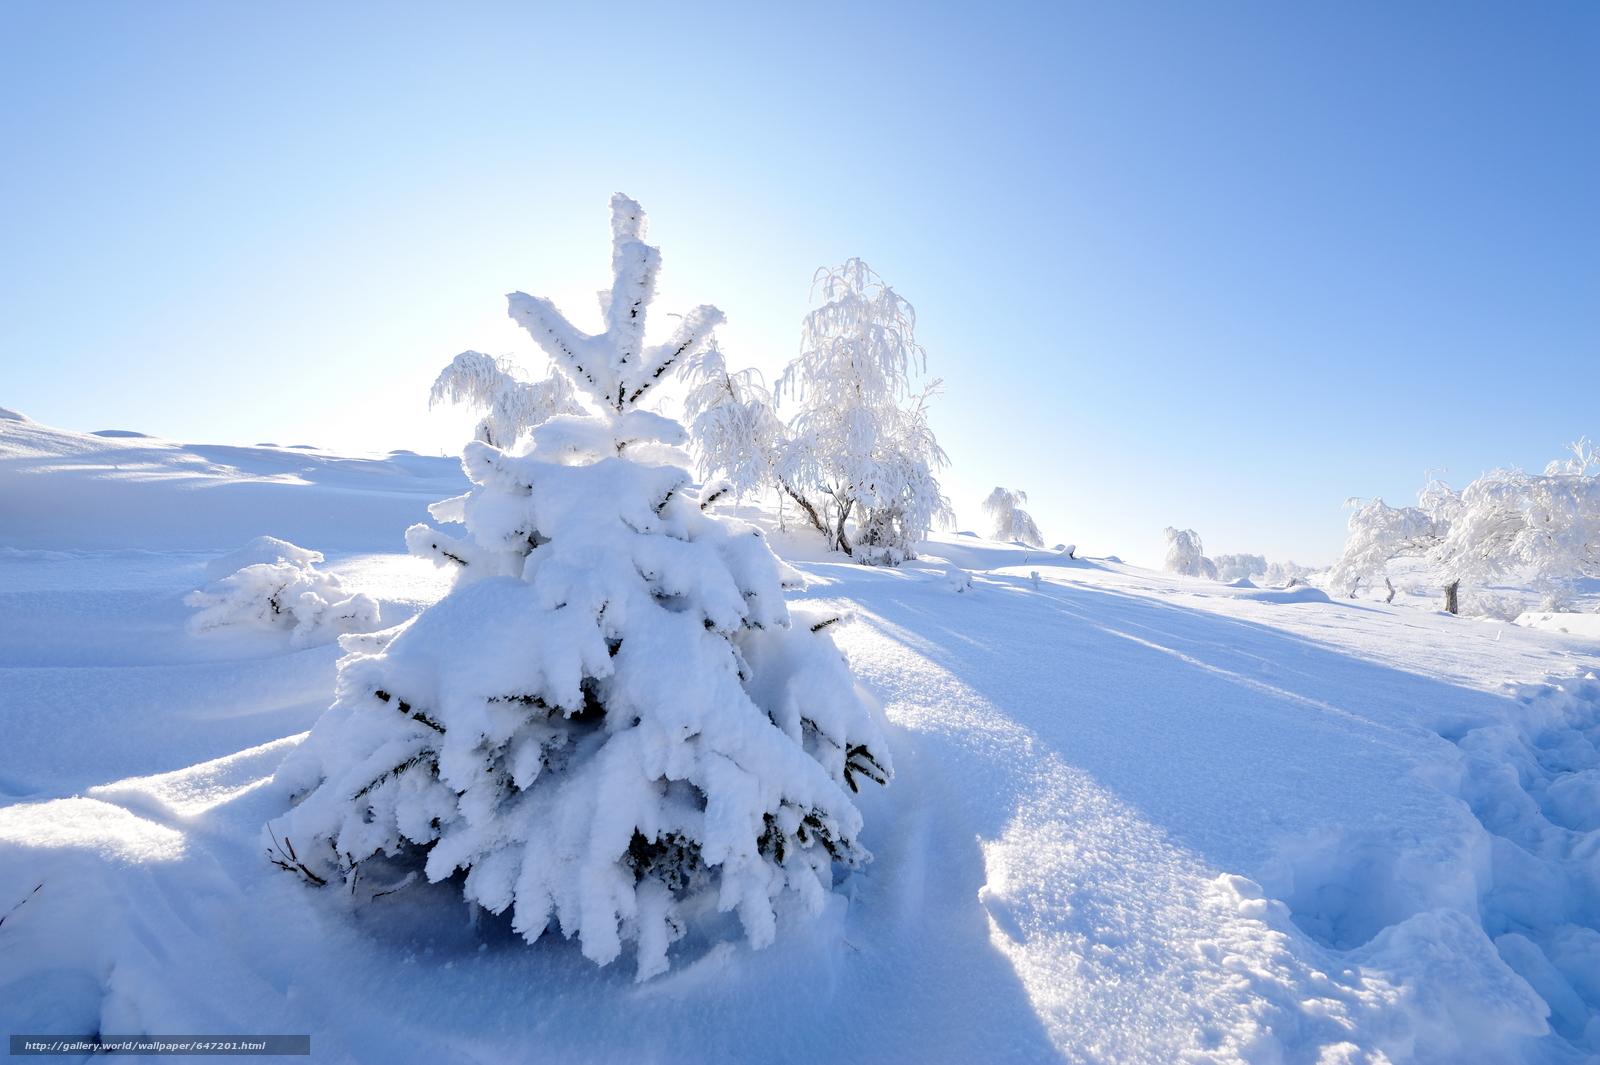 Скачать обои зима,  сугробы,  снег,  деревья бесплатно для рабочего стола в разрешении 8512x5664 — картинка №647201